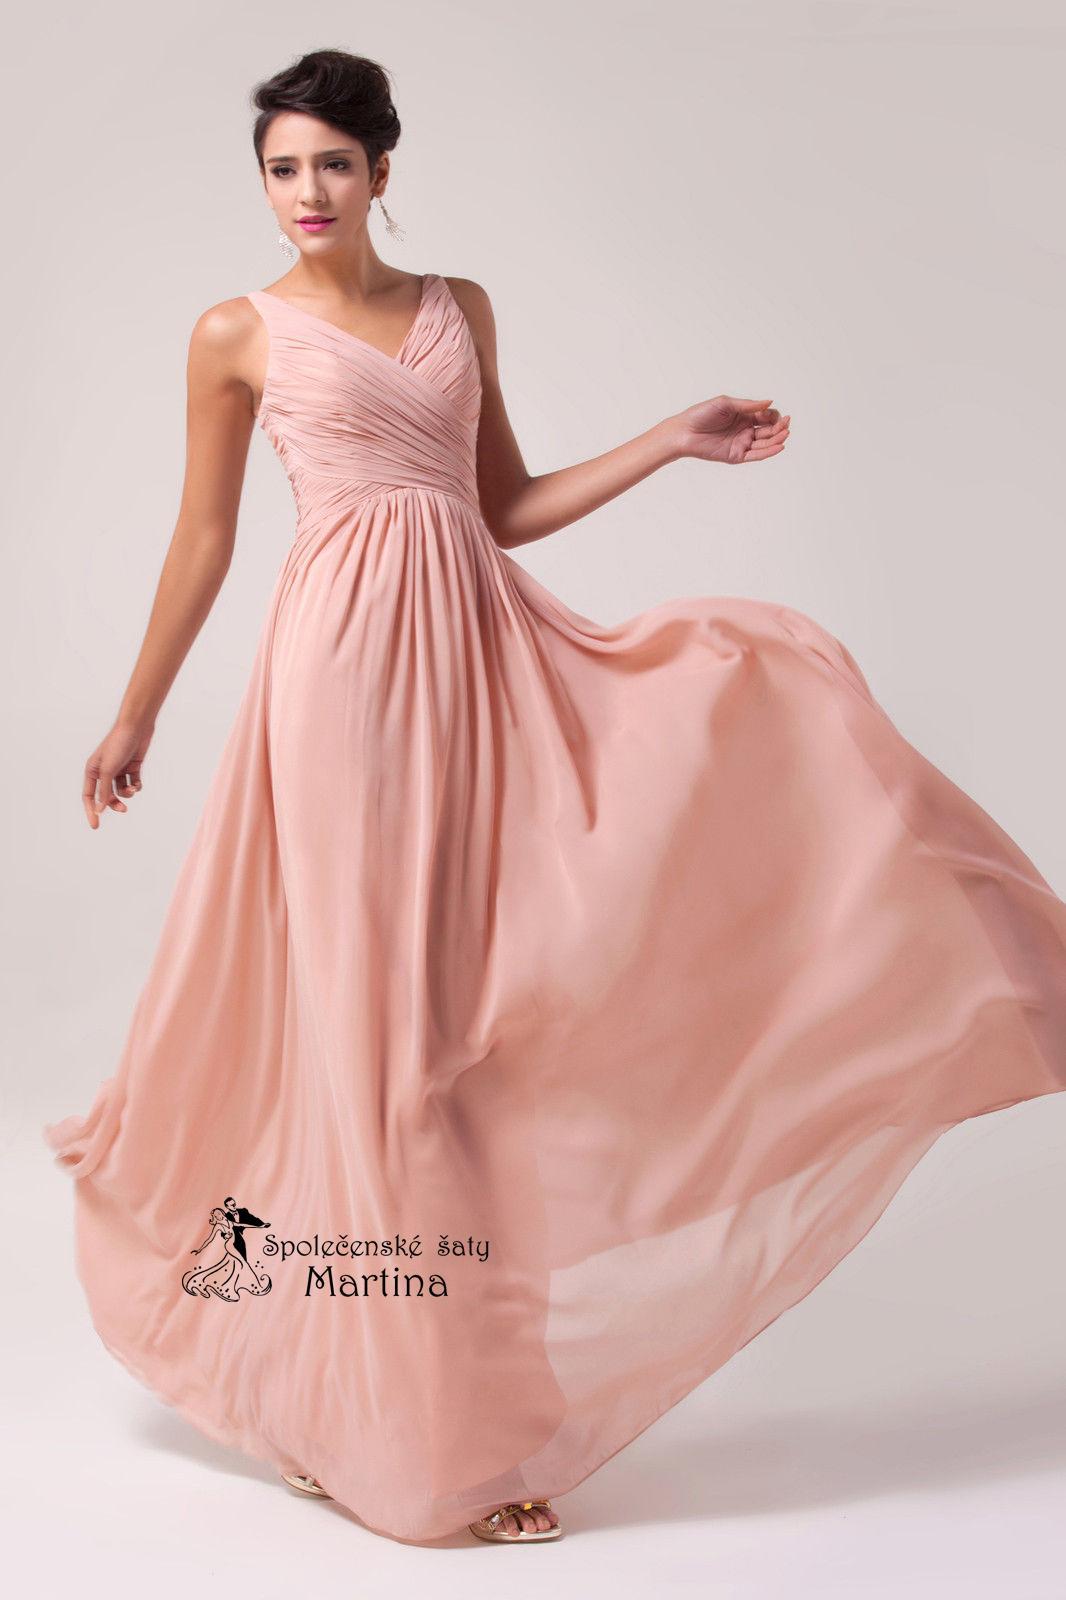 f5d8cbb7b6f2 Společenské-maturitní-plesové šaty-do tanečních